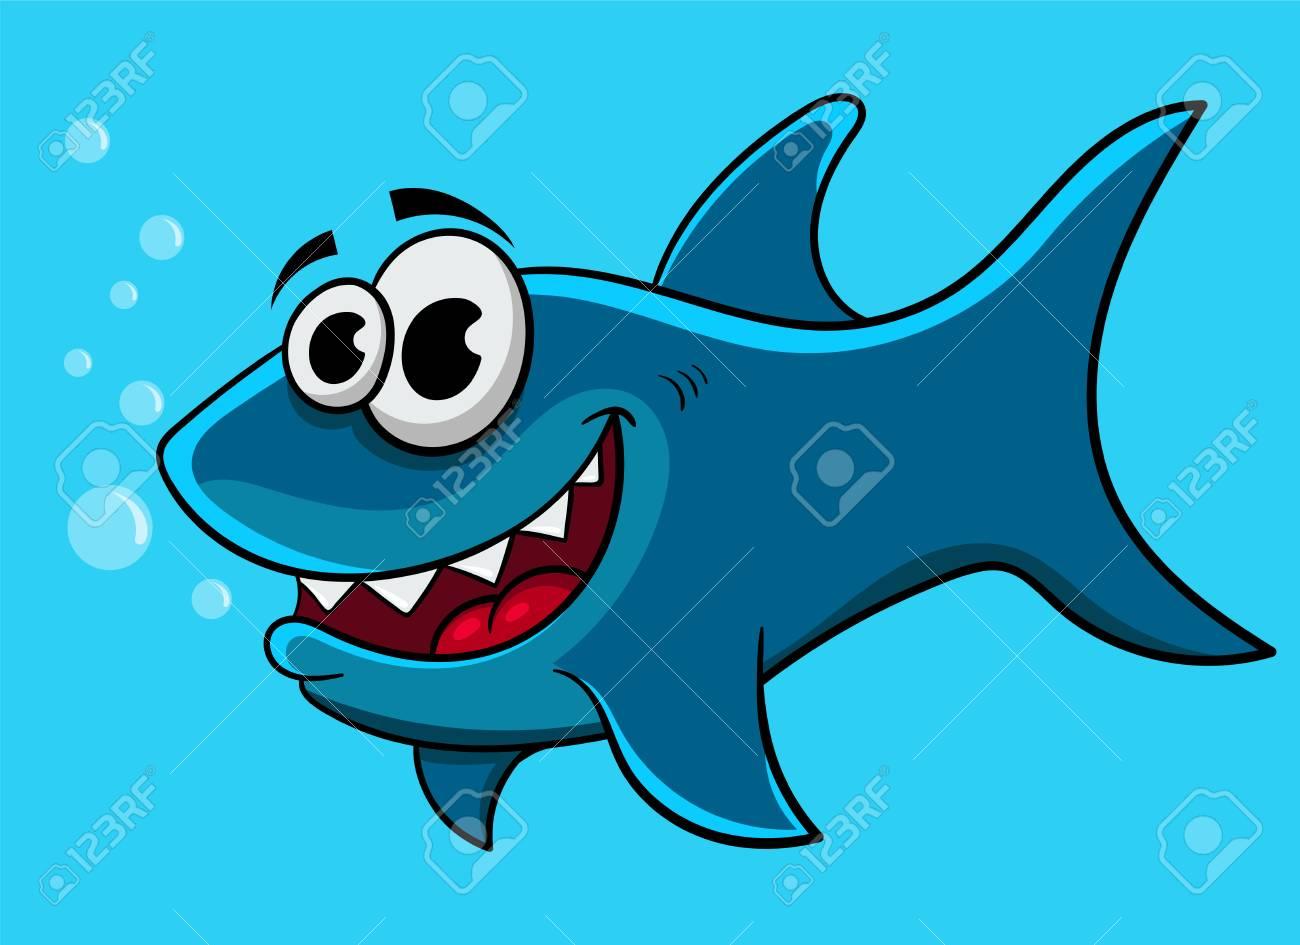 Cartoon funny shark, vector illustration design. Stock Vector - 99201091